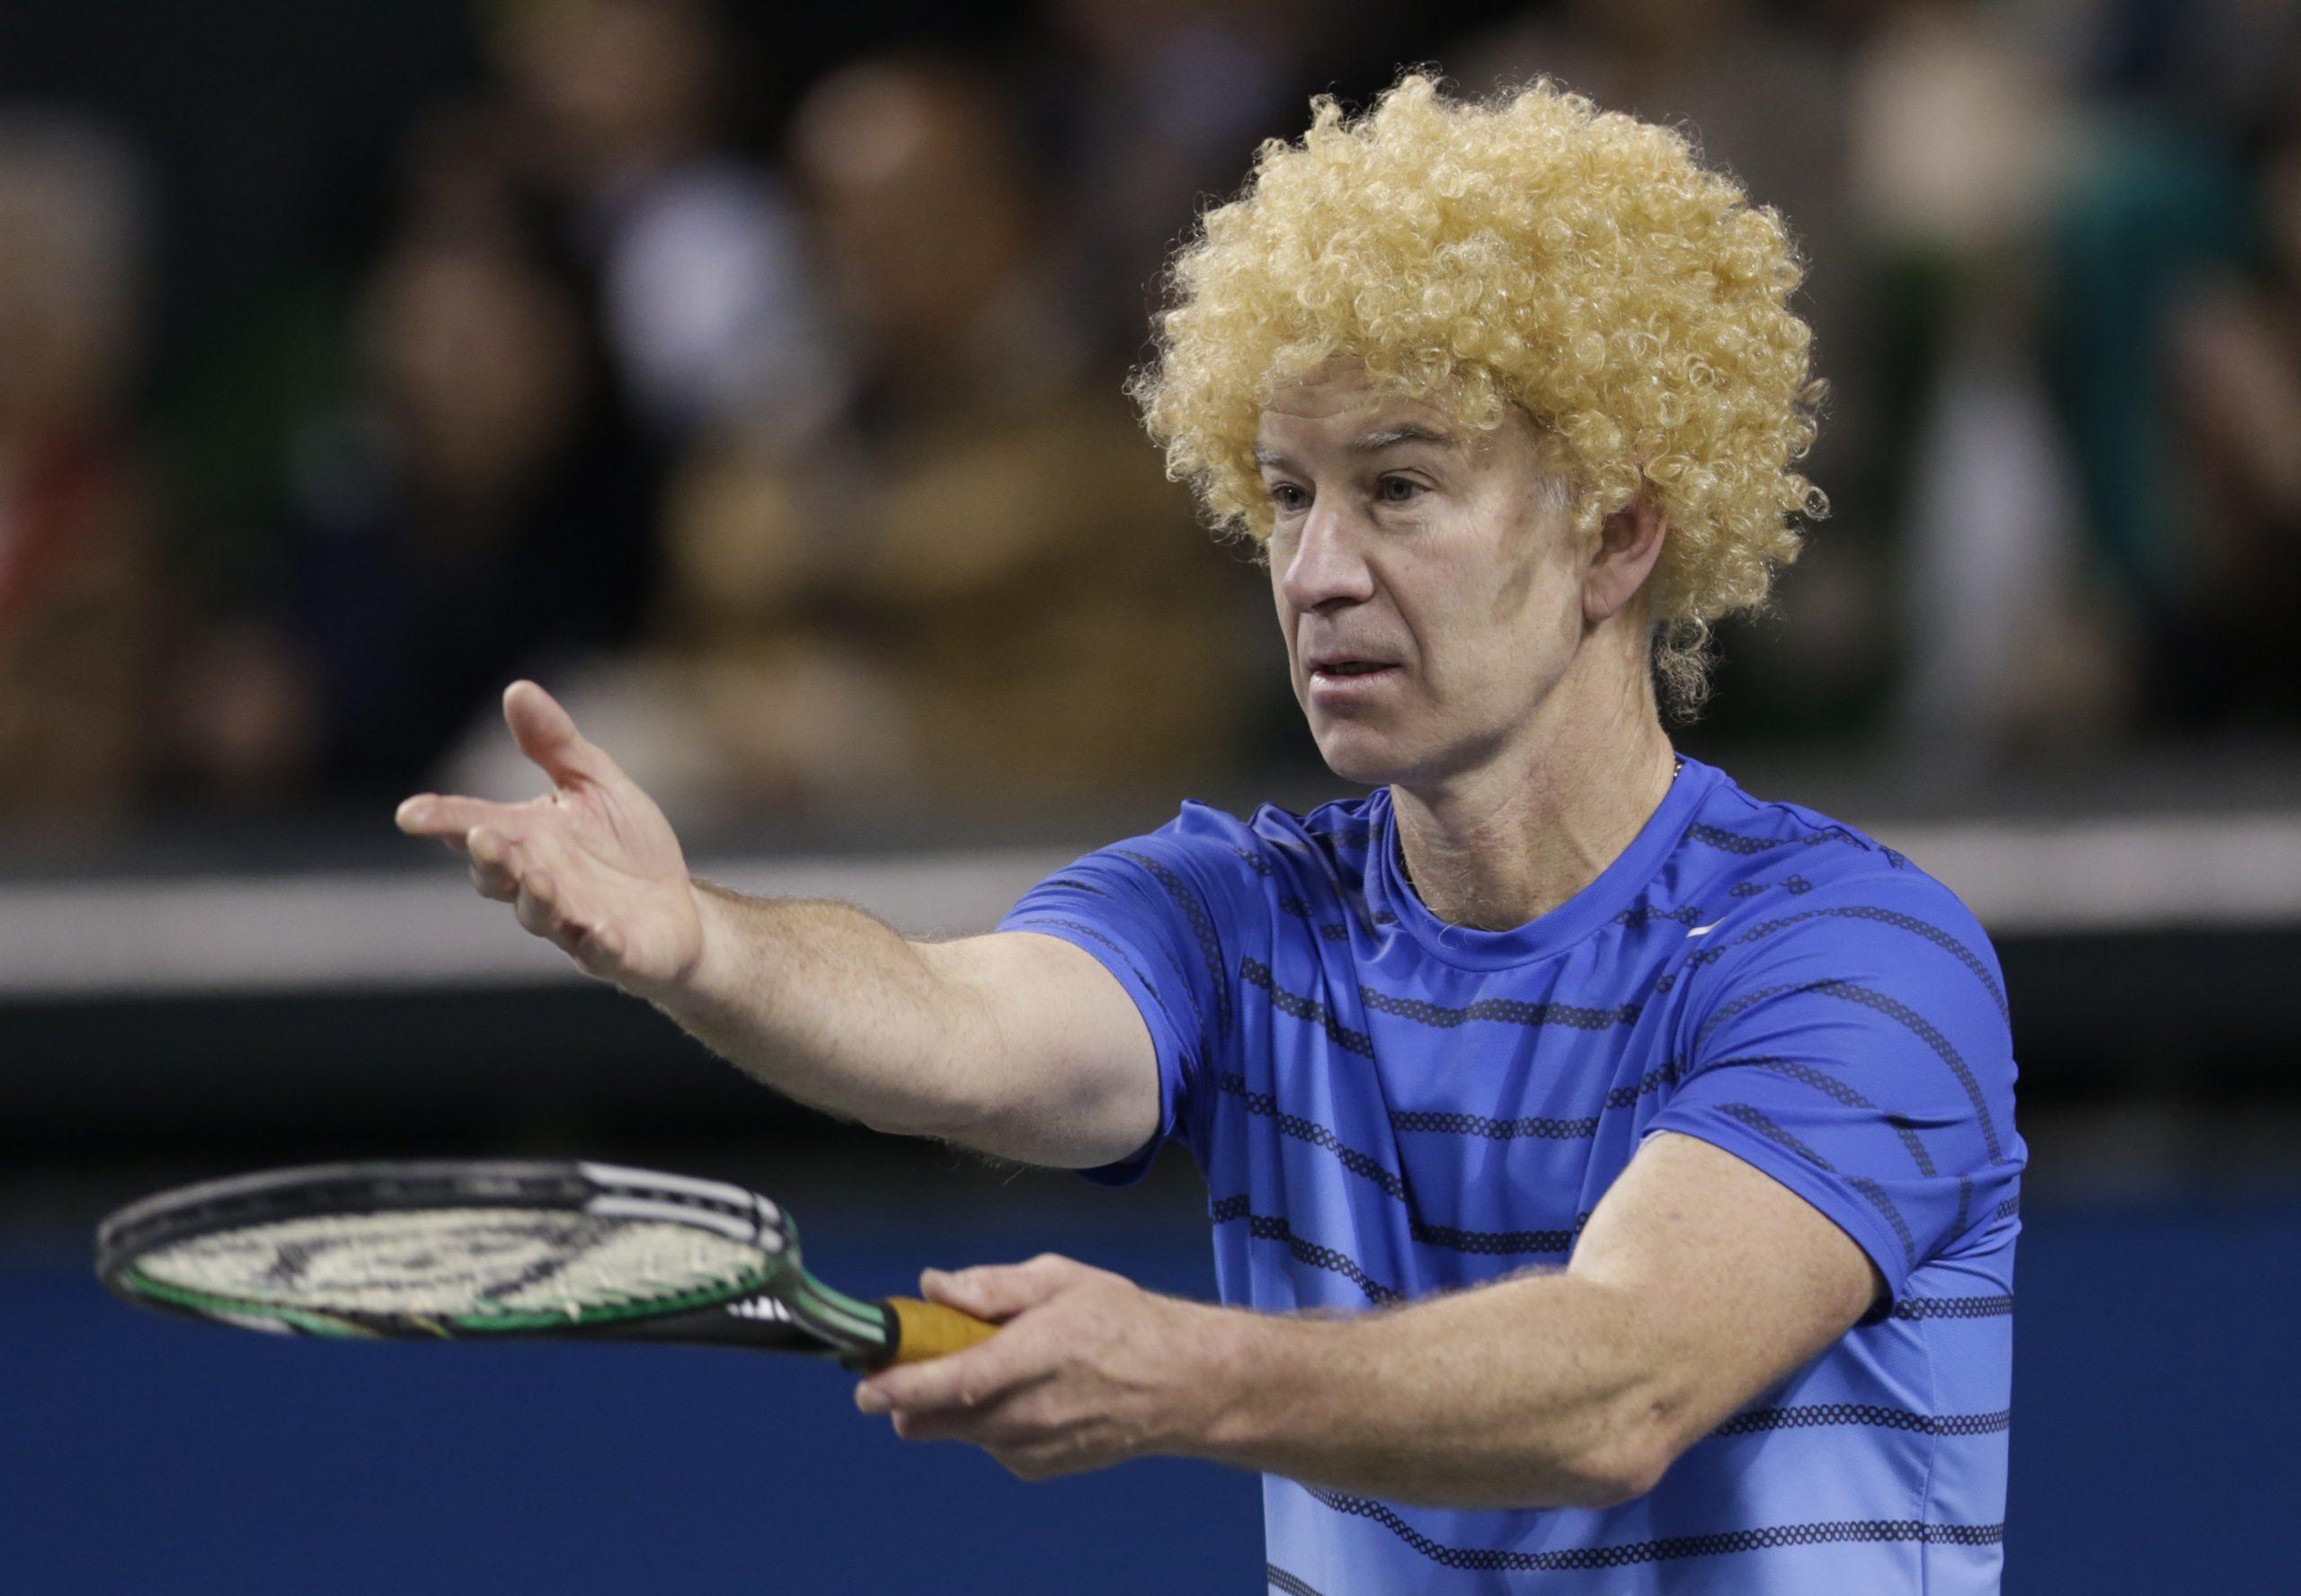 Życiorysy wielkich tenisistów – John McEnroe